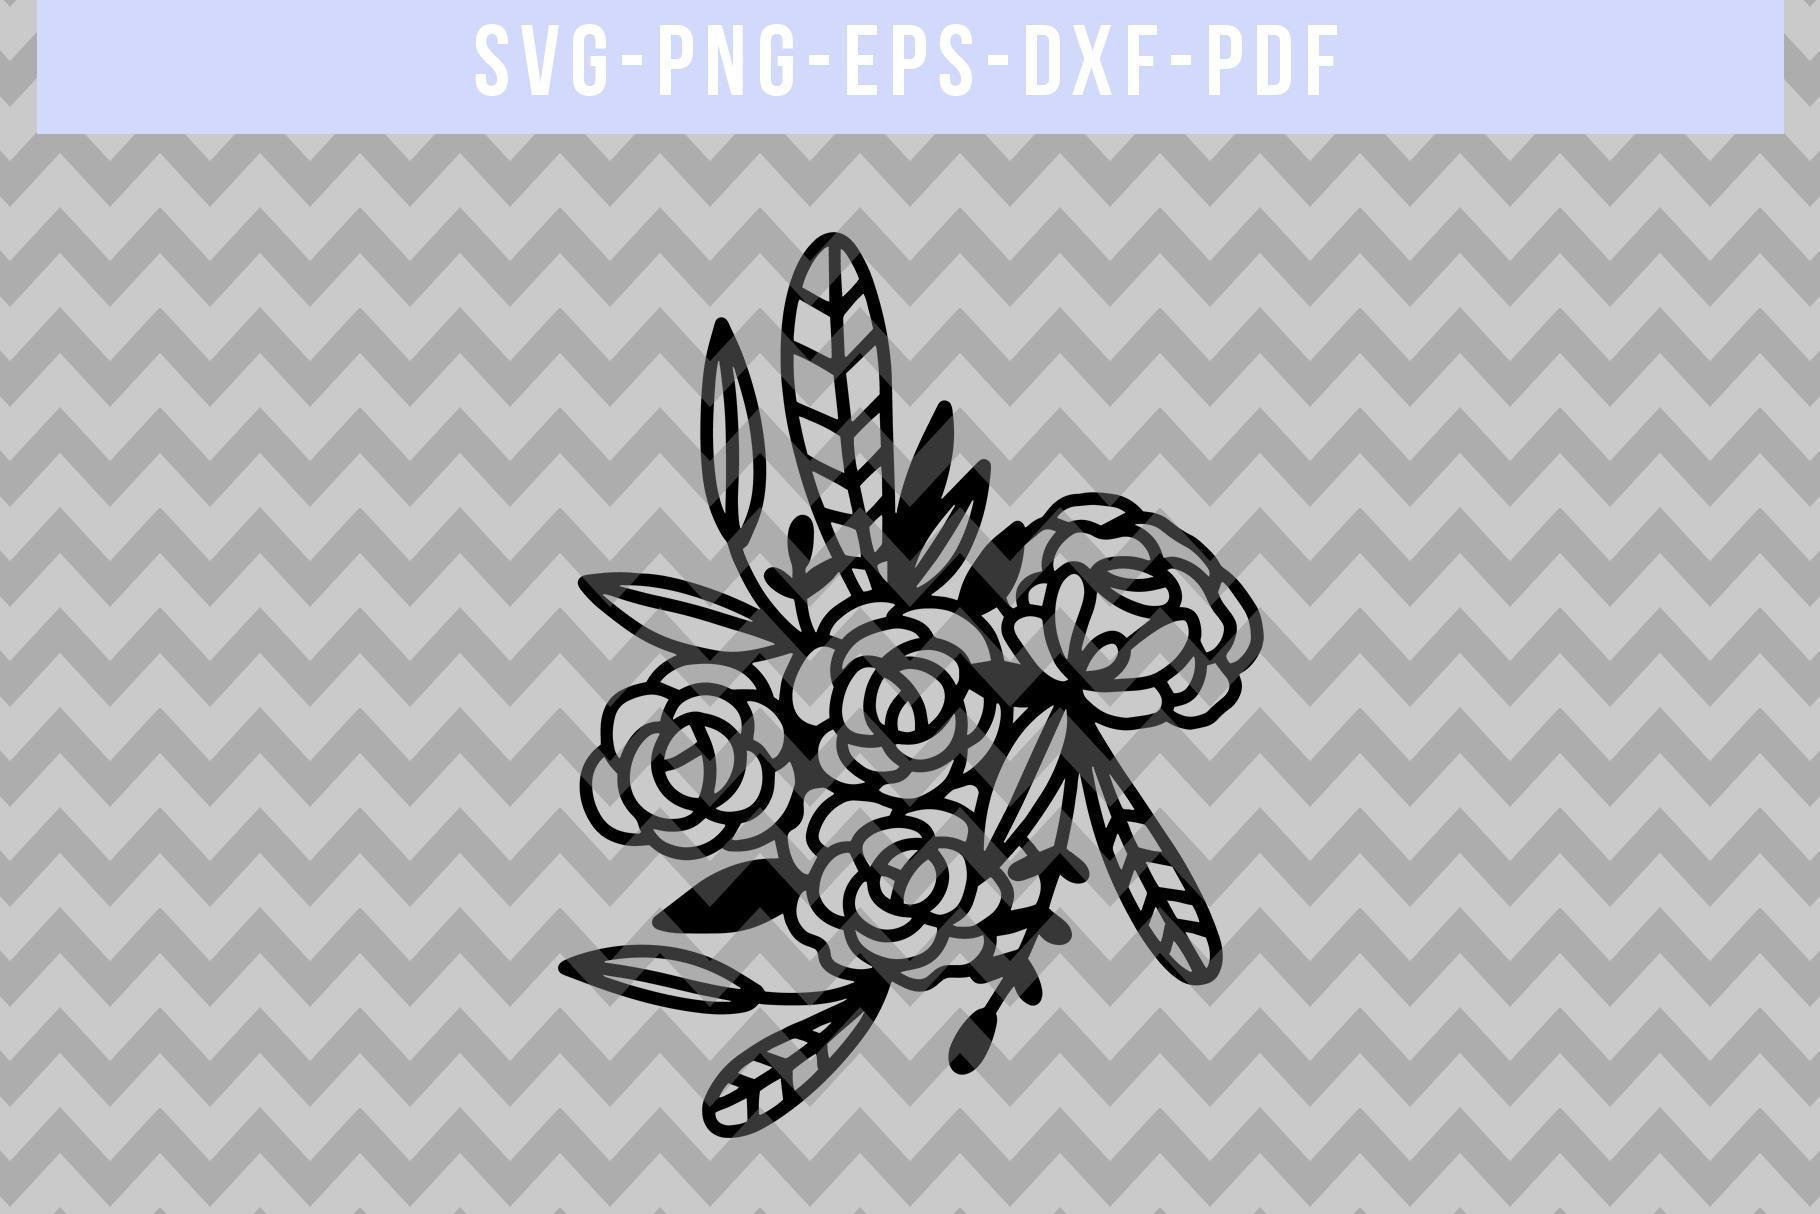 Floral Rose Papercut Template, Flower Arrangement SVG, PDF example image 4